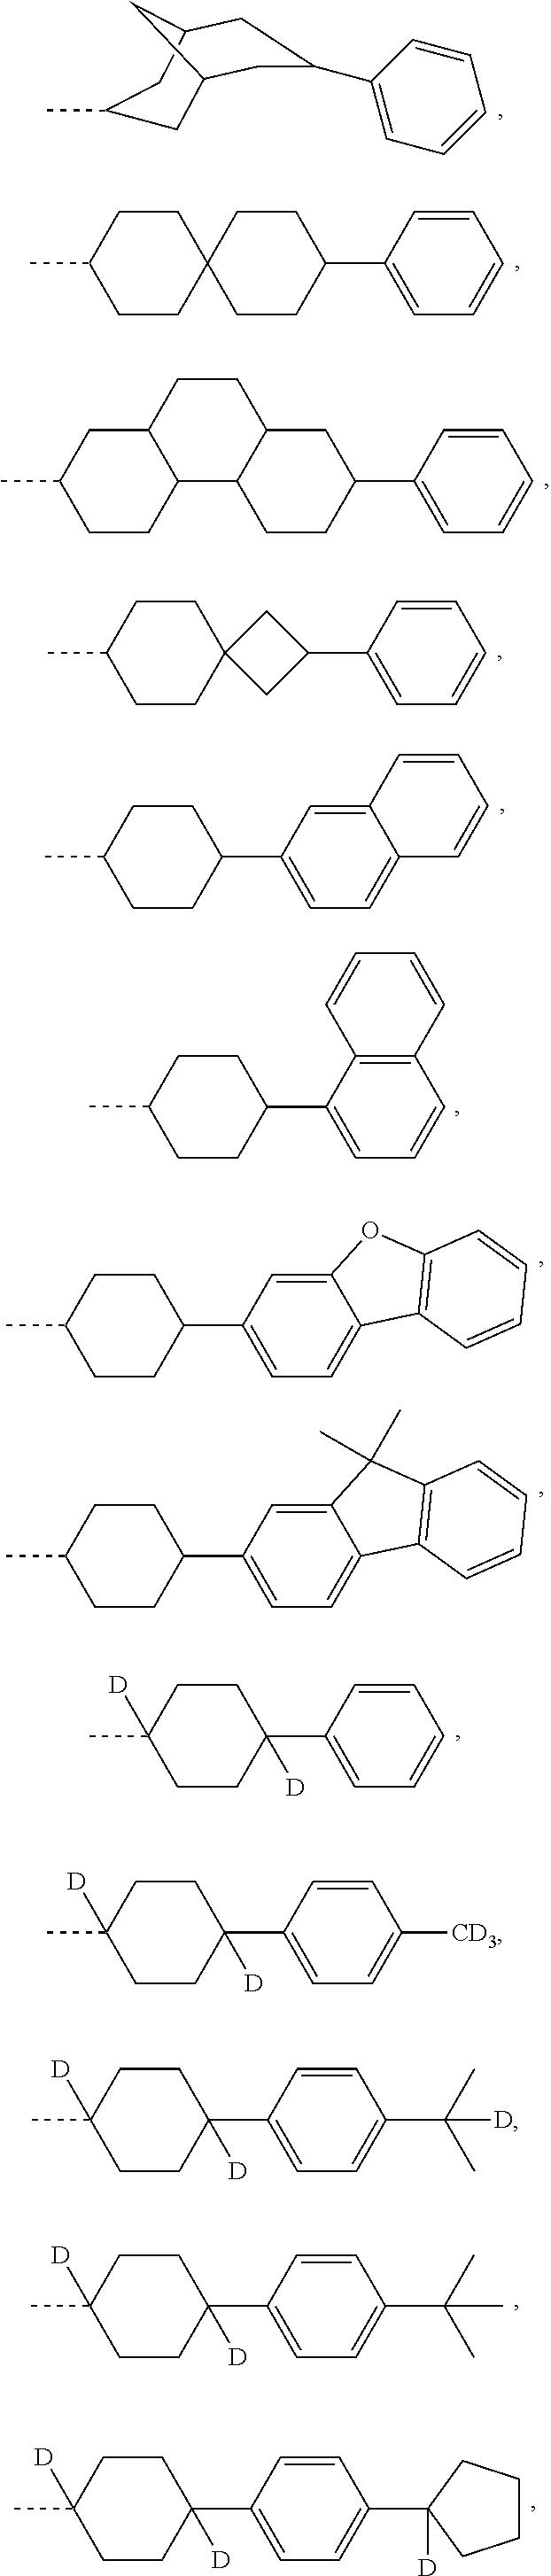 Figure US20180076393A1-20180315-C00152